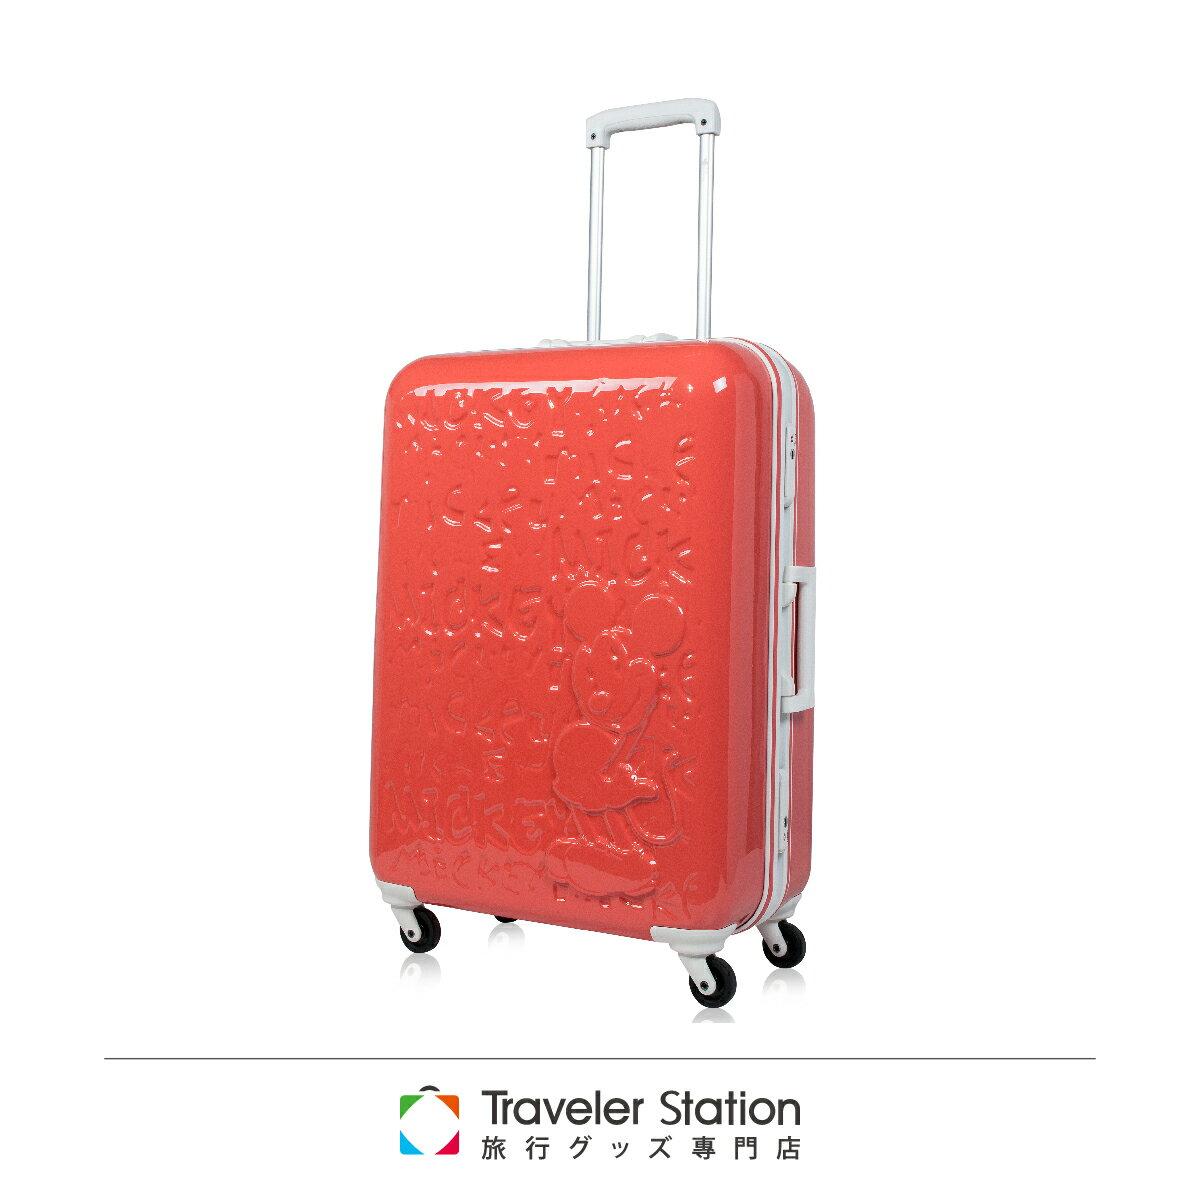 【日本 Disney】夢想米奇拉桿箱19.5吋 行李箱 / 旅行箱-日出紅